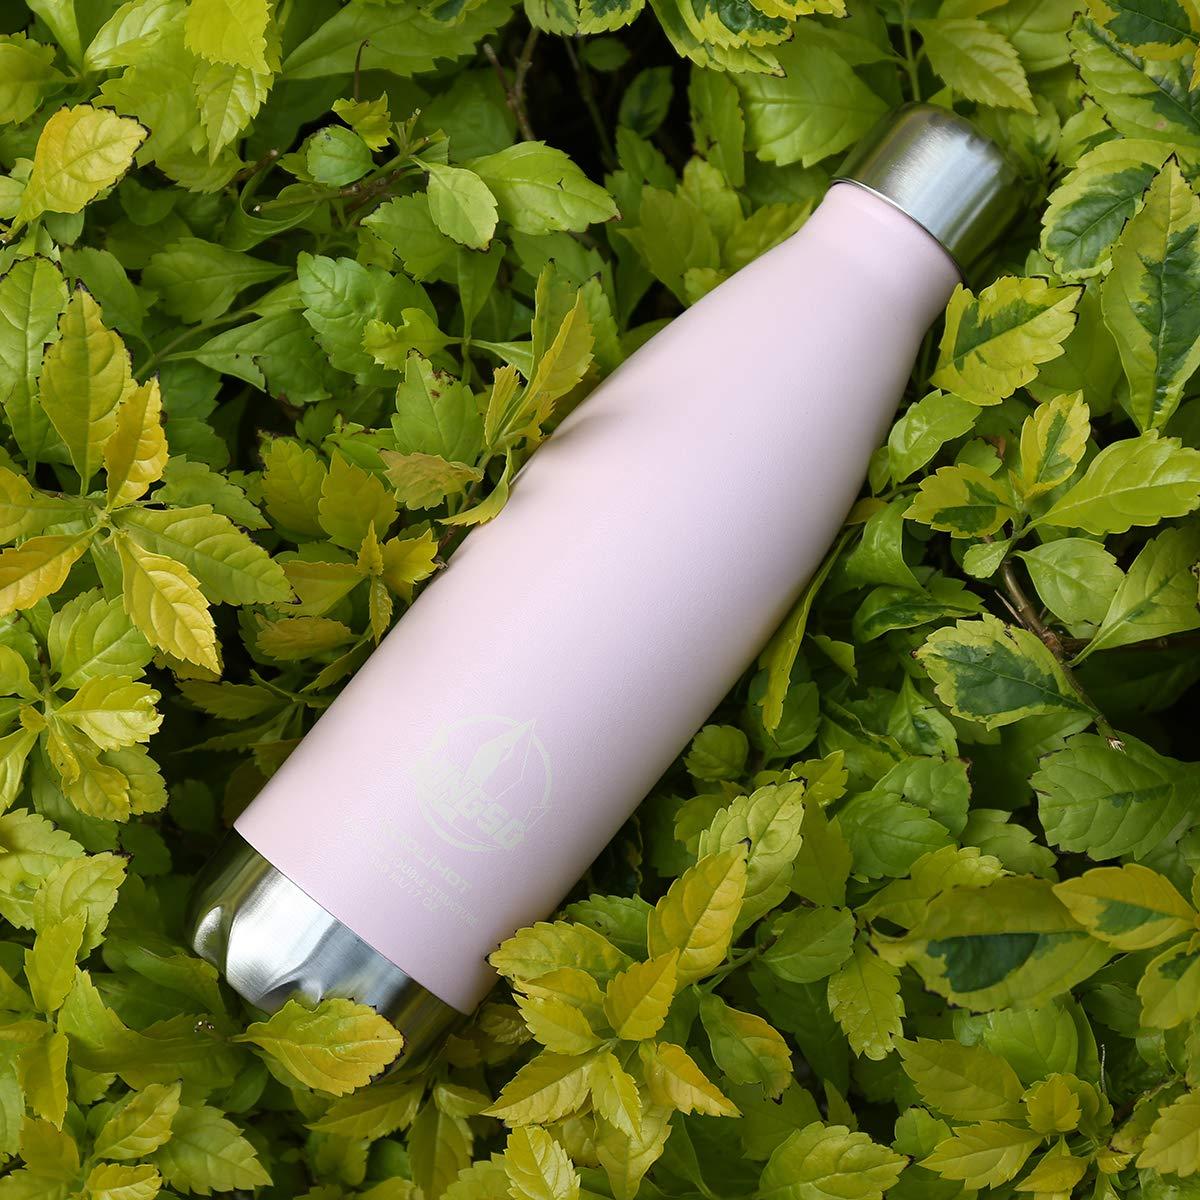 KINGSO Trinkflasche Sportflasche Edelstahl Camping Reisebecher Haelt Getraenke Thermobecher, 12 Stunden Kalt & 24 Heiß, 5 Macaron (500ml, Pink)